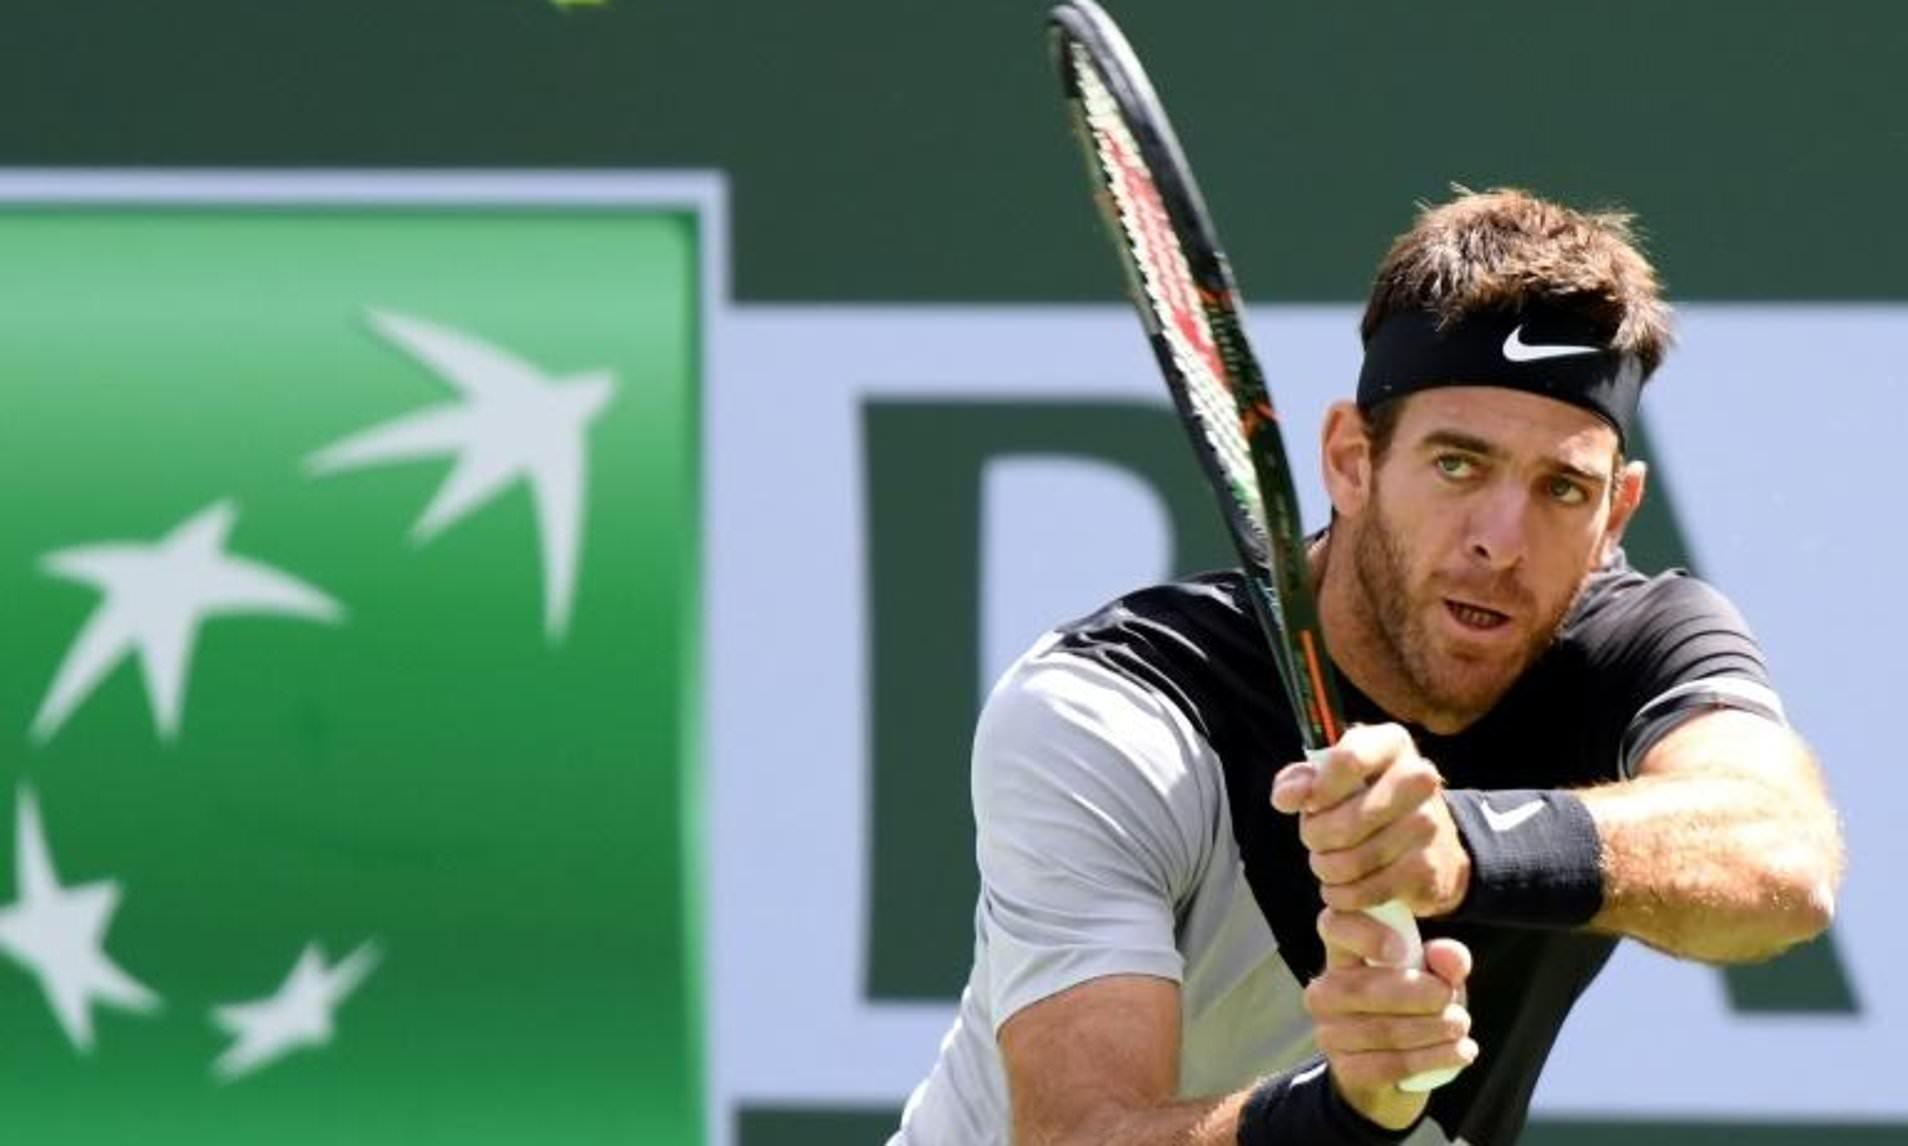 Juan Martin del Potro defeats Roger Federer to bag Indian Wells Masters title